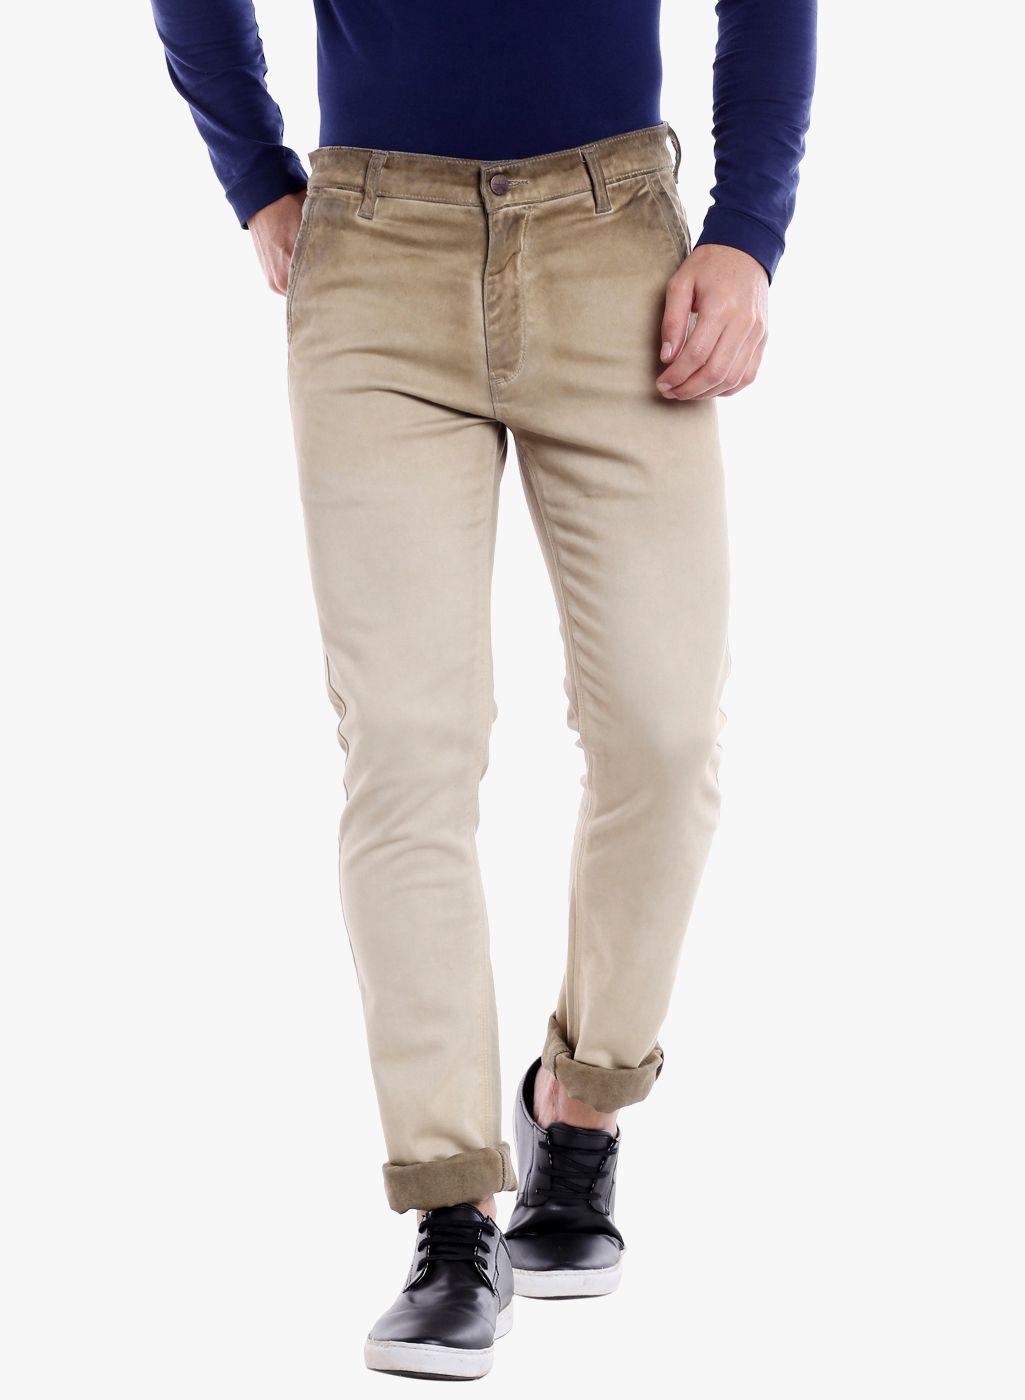 ROADIES by BEEVEE Khaki Regular -Fit Flat Trousers